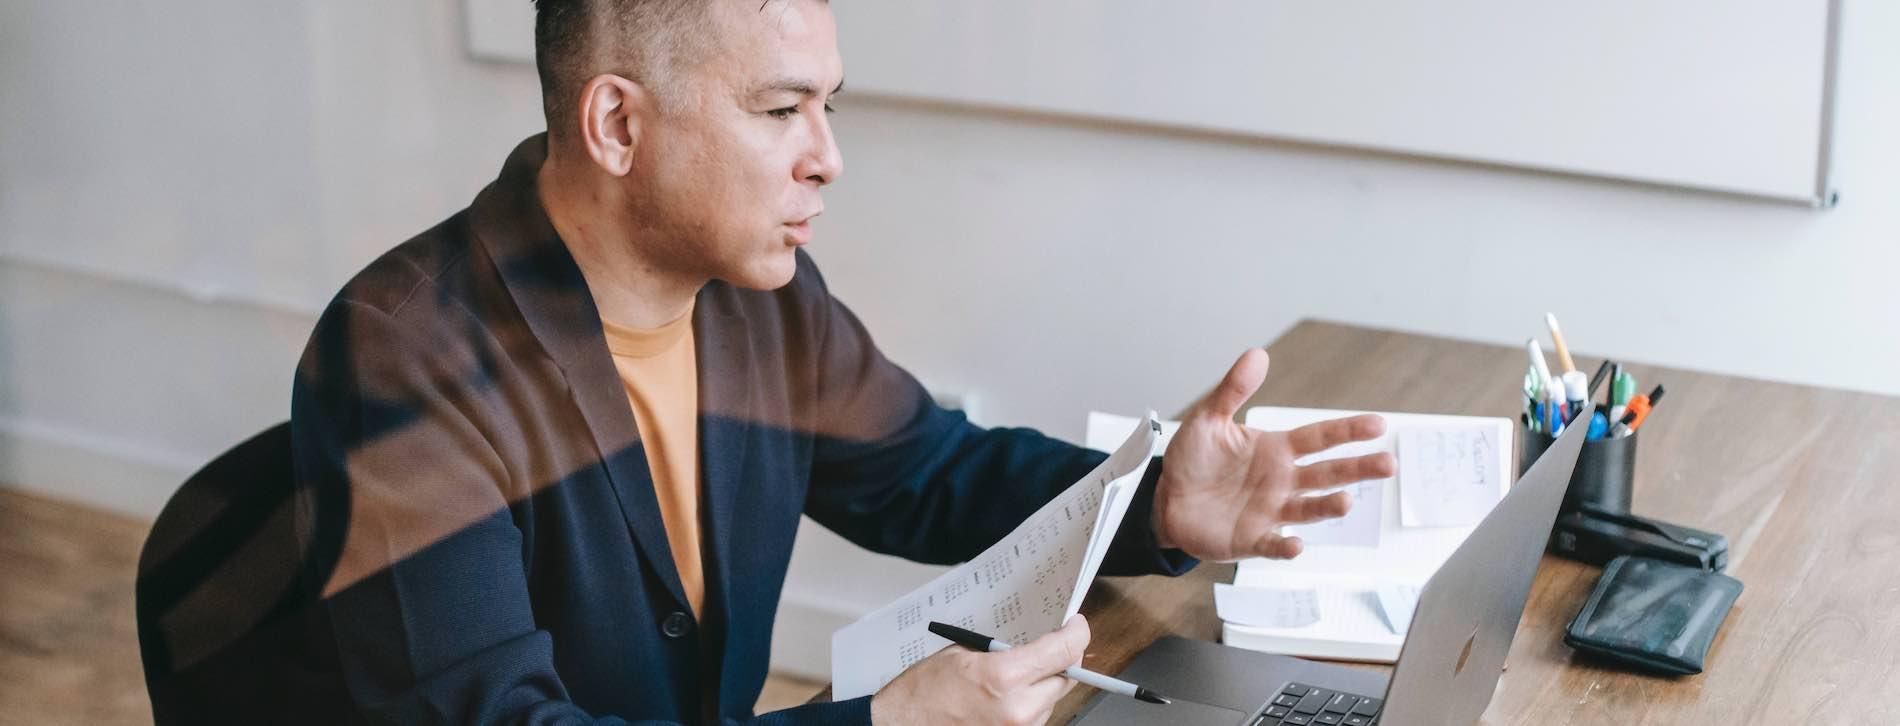 Man virtual interview